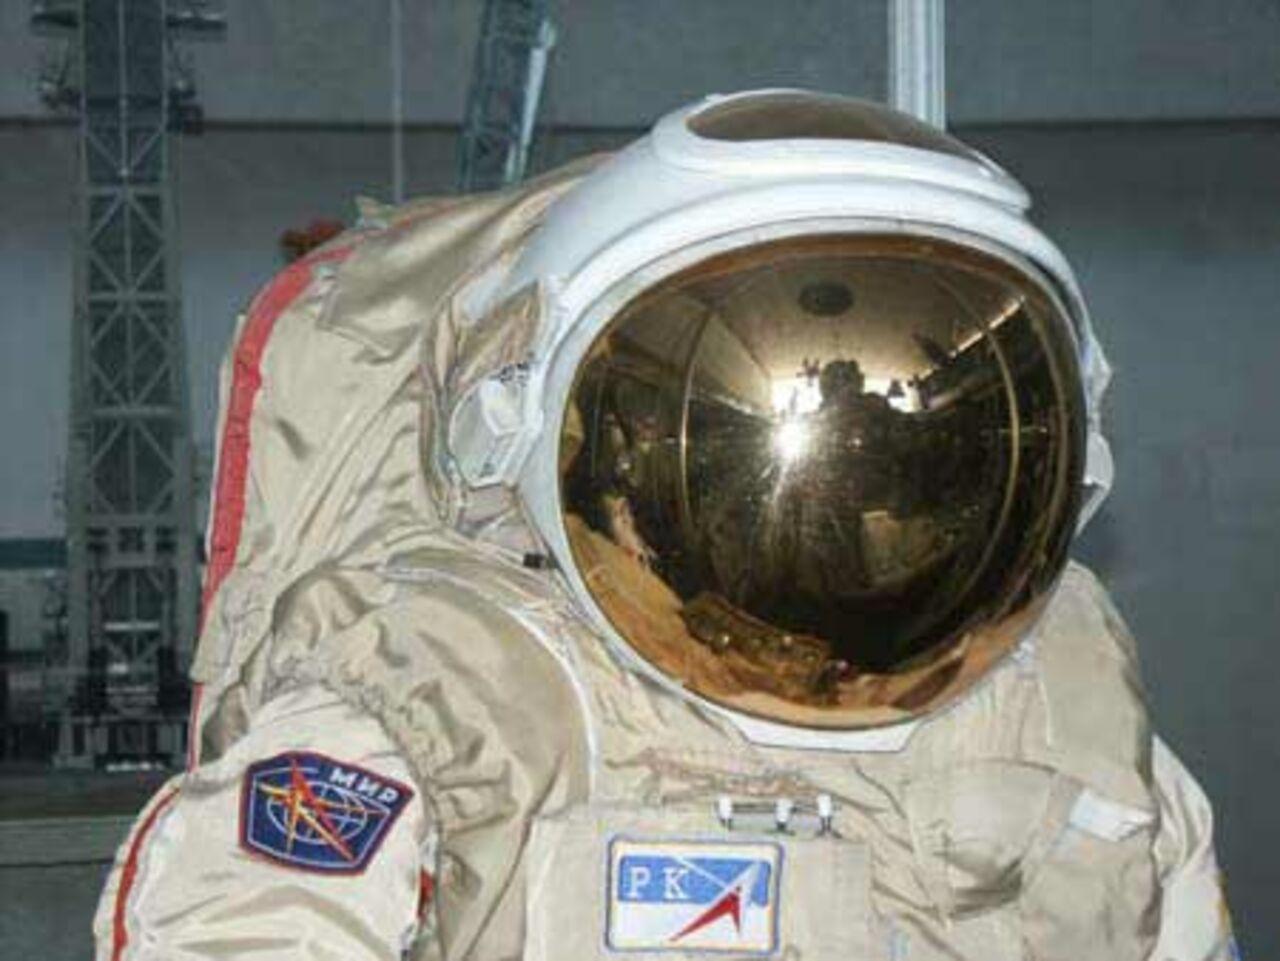 В России учёные создали для космонавтов ранец работающий на солнечных батареях. Космонавты в экстренных ситуациях могут добраться на нём